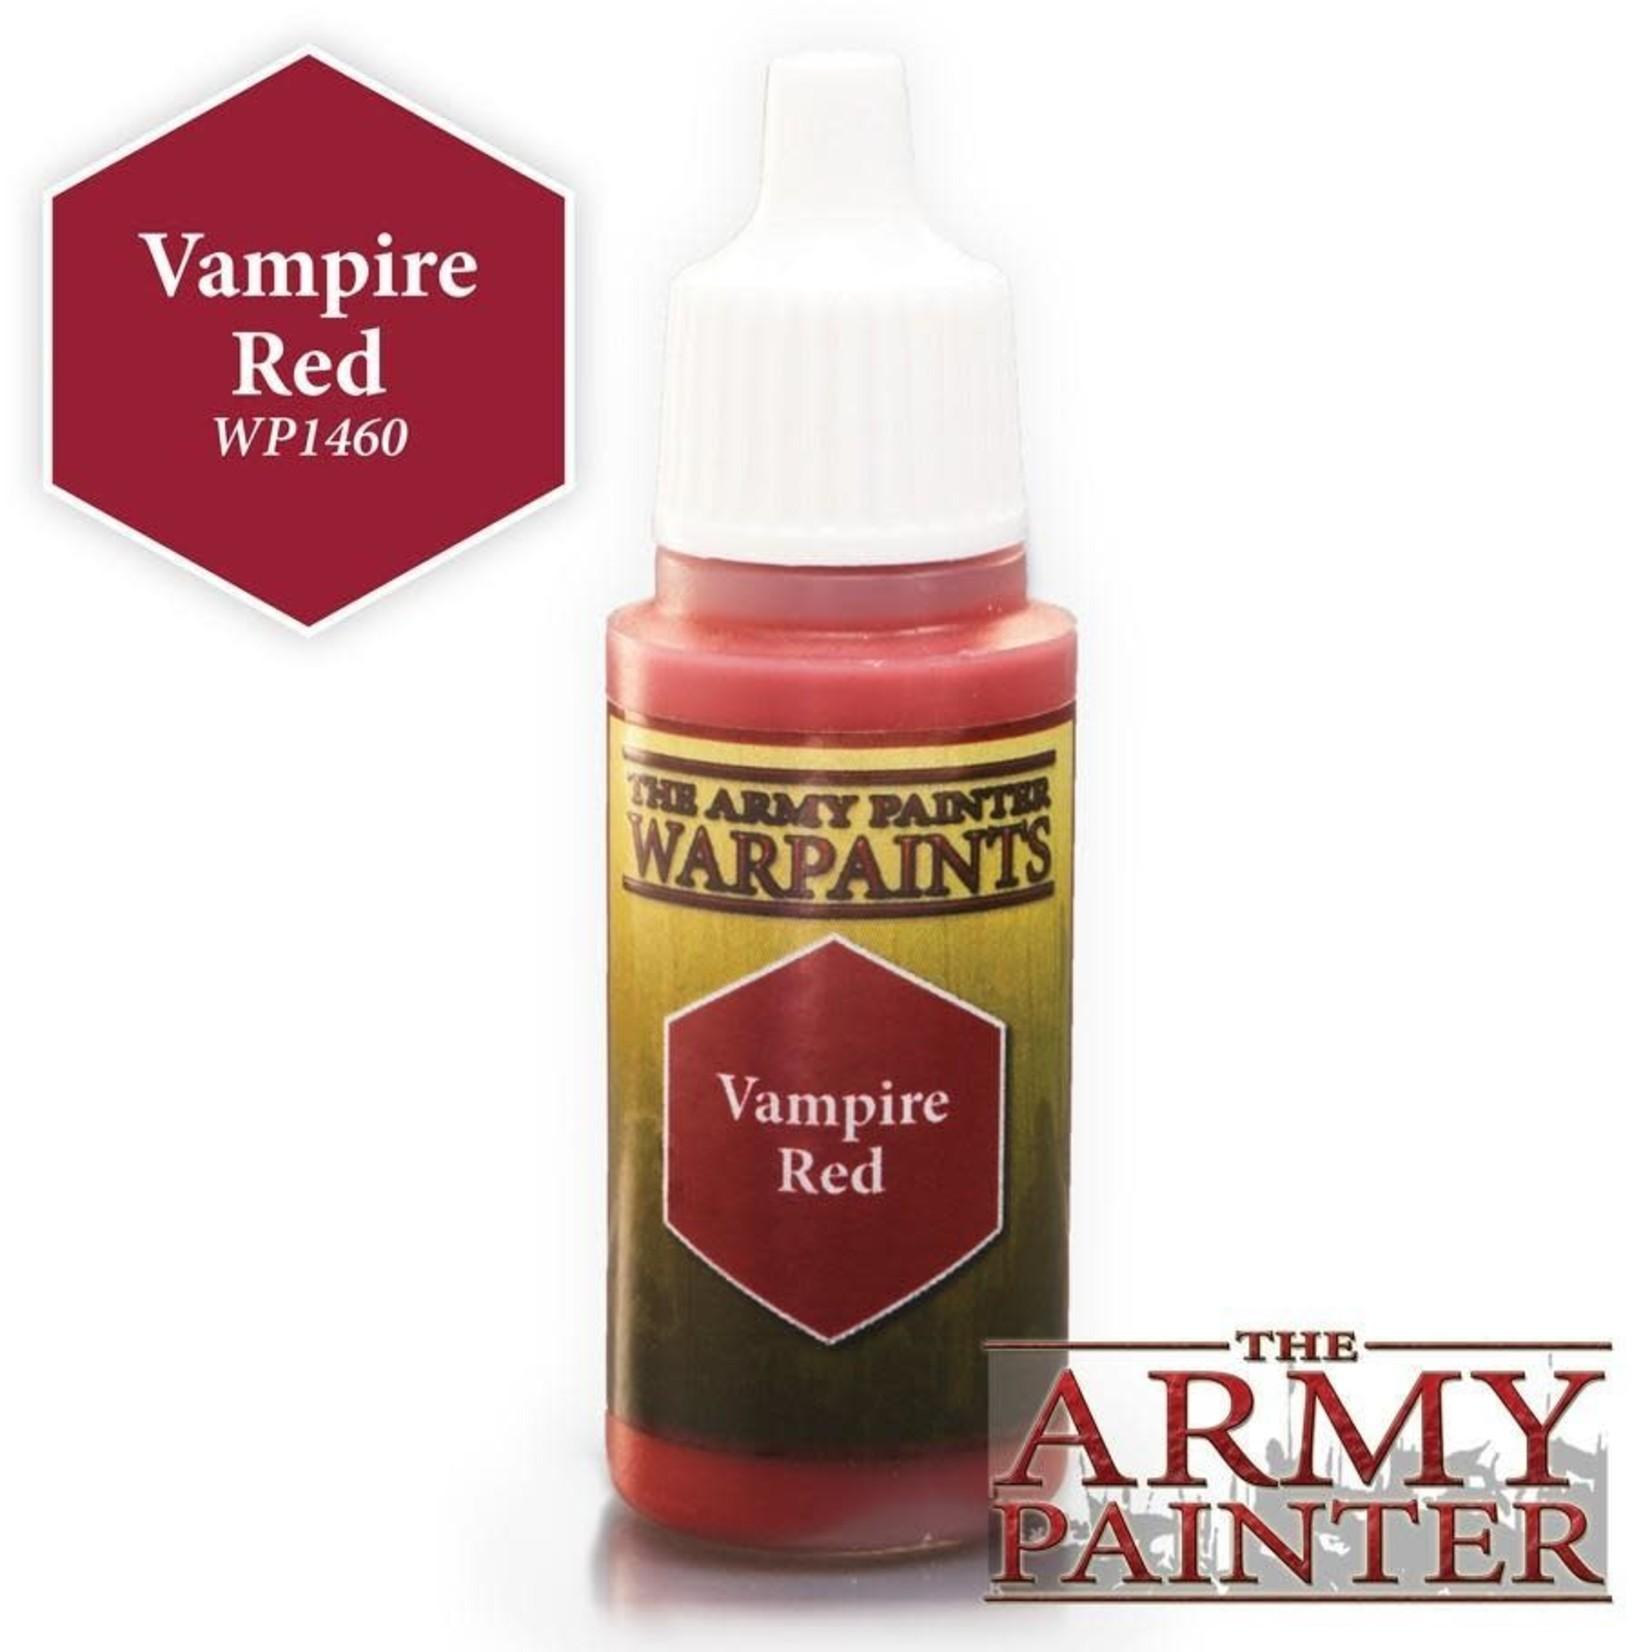 Army Painter APWP Vampire Red 18ml